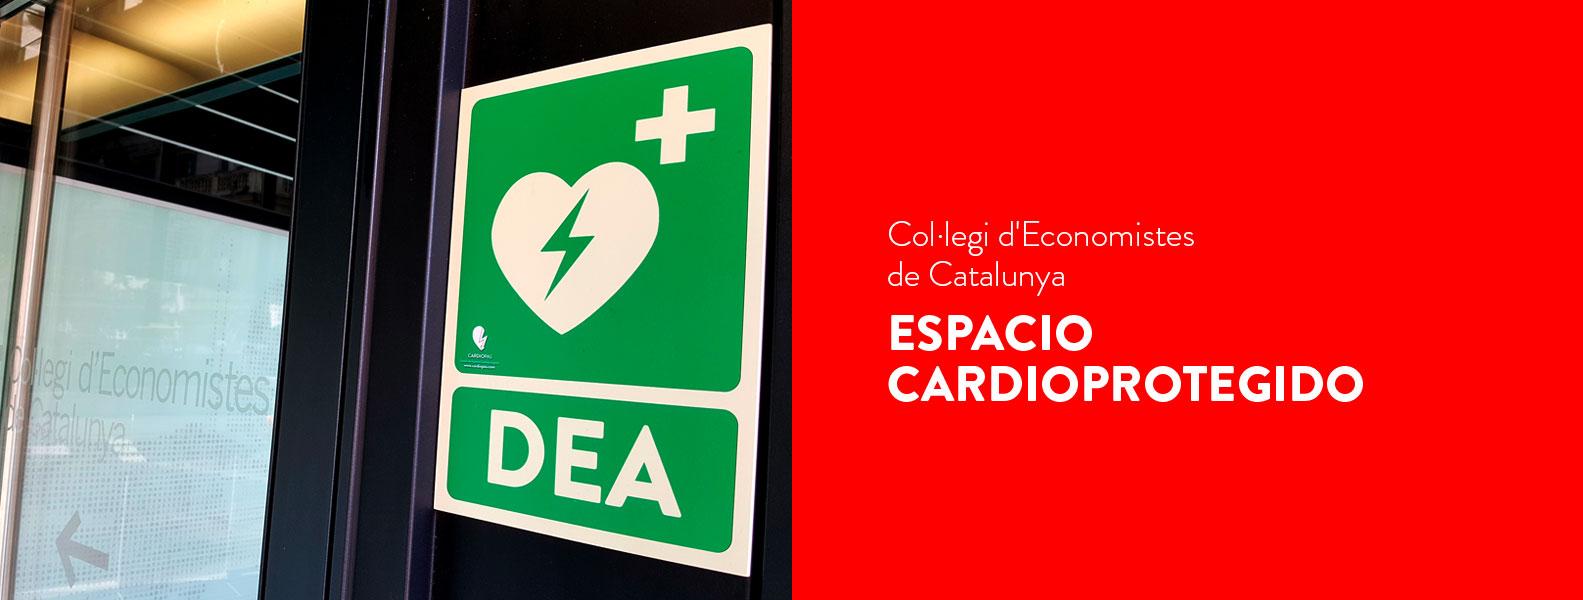 slides_cardiopas_colegio_economistas